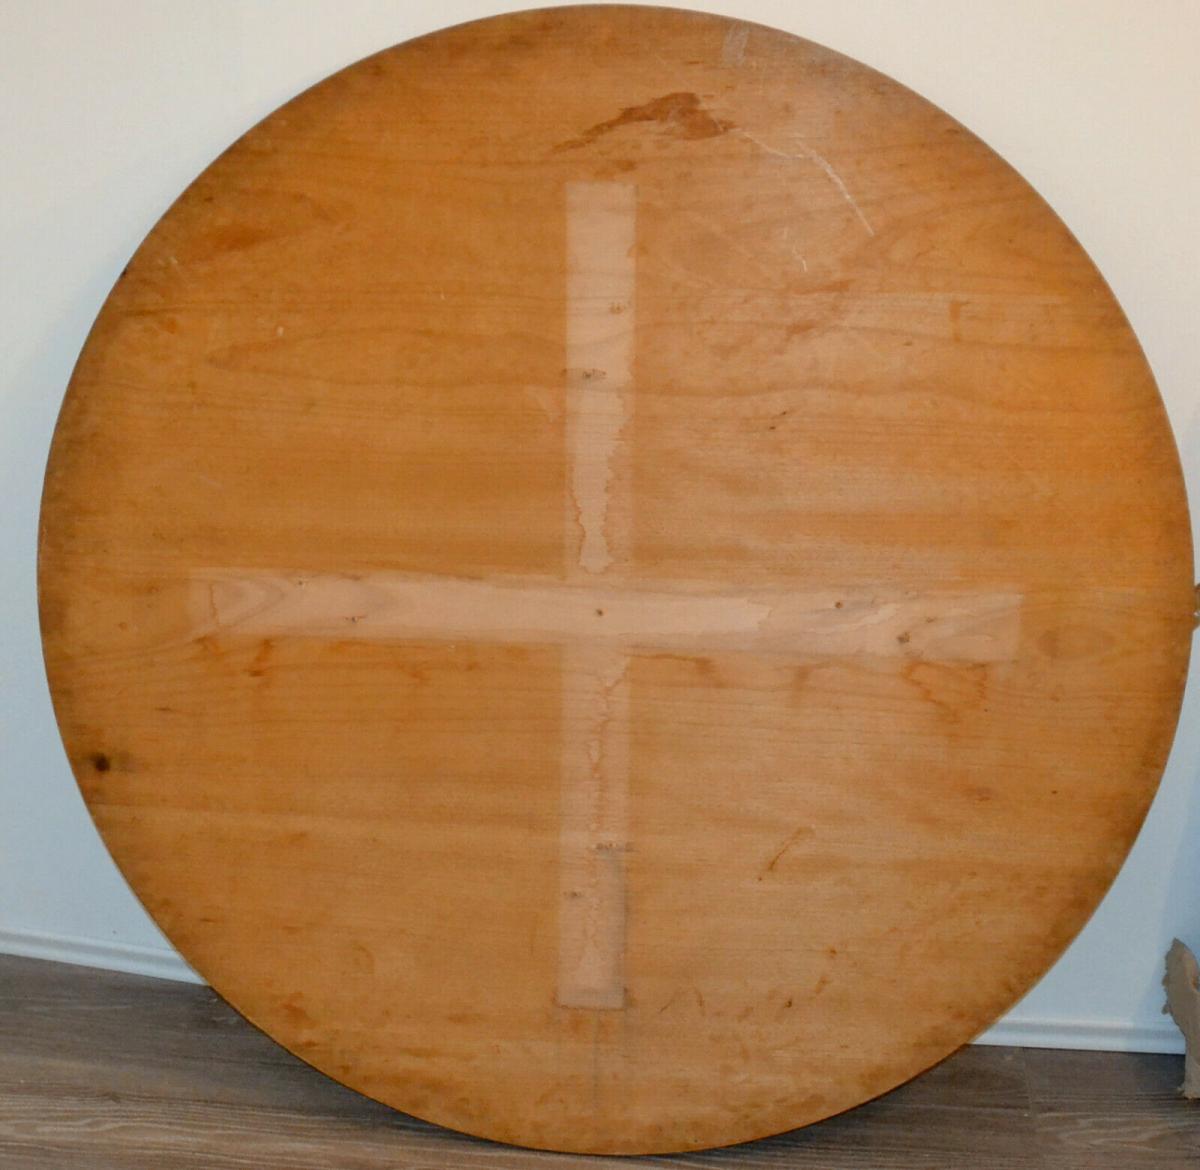 Möbel,runder Bauerntisch, alter Barockfuss, neue Platte,für Restaurator/Bastler 5